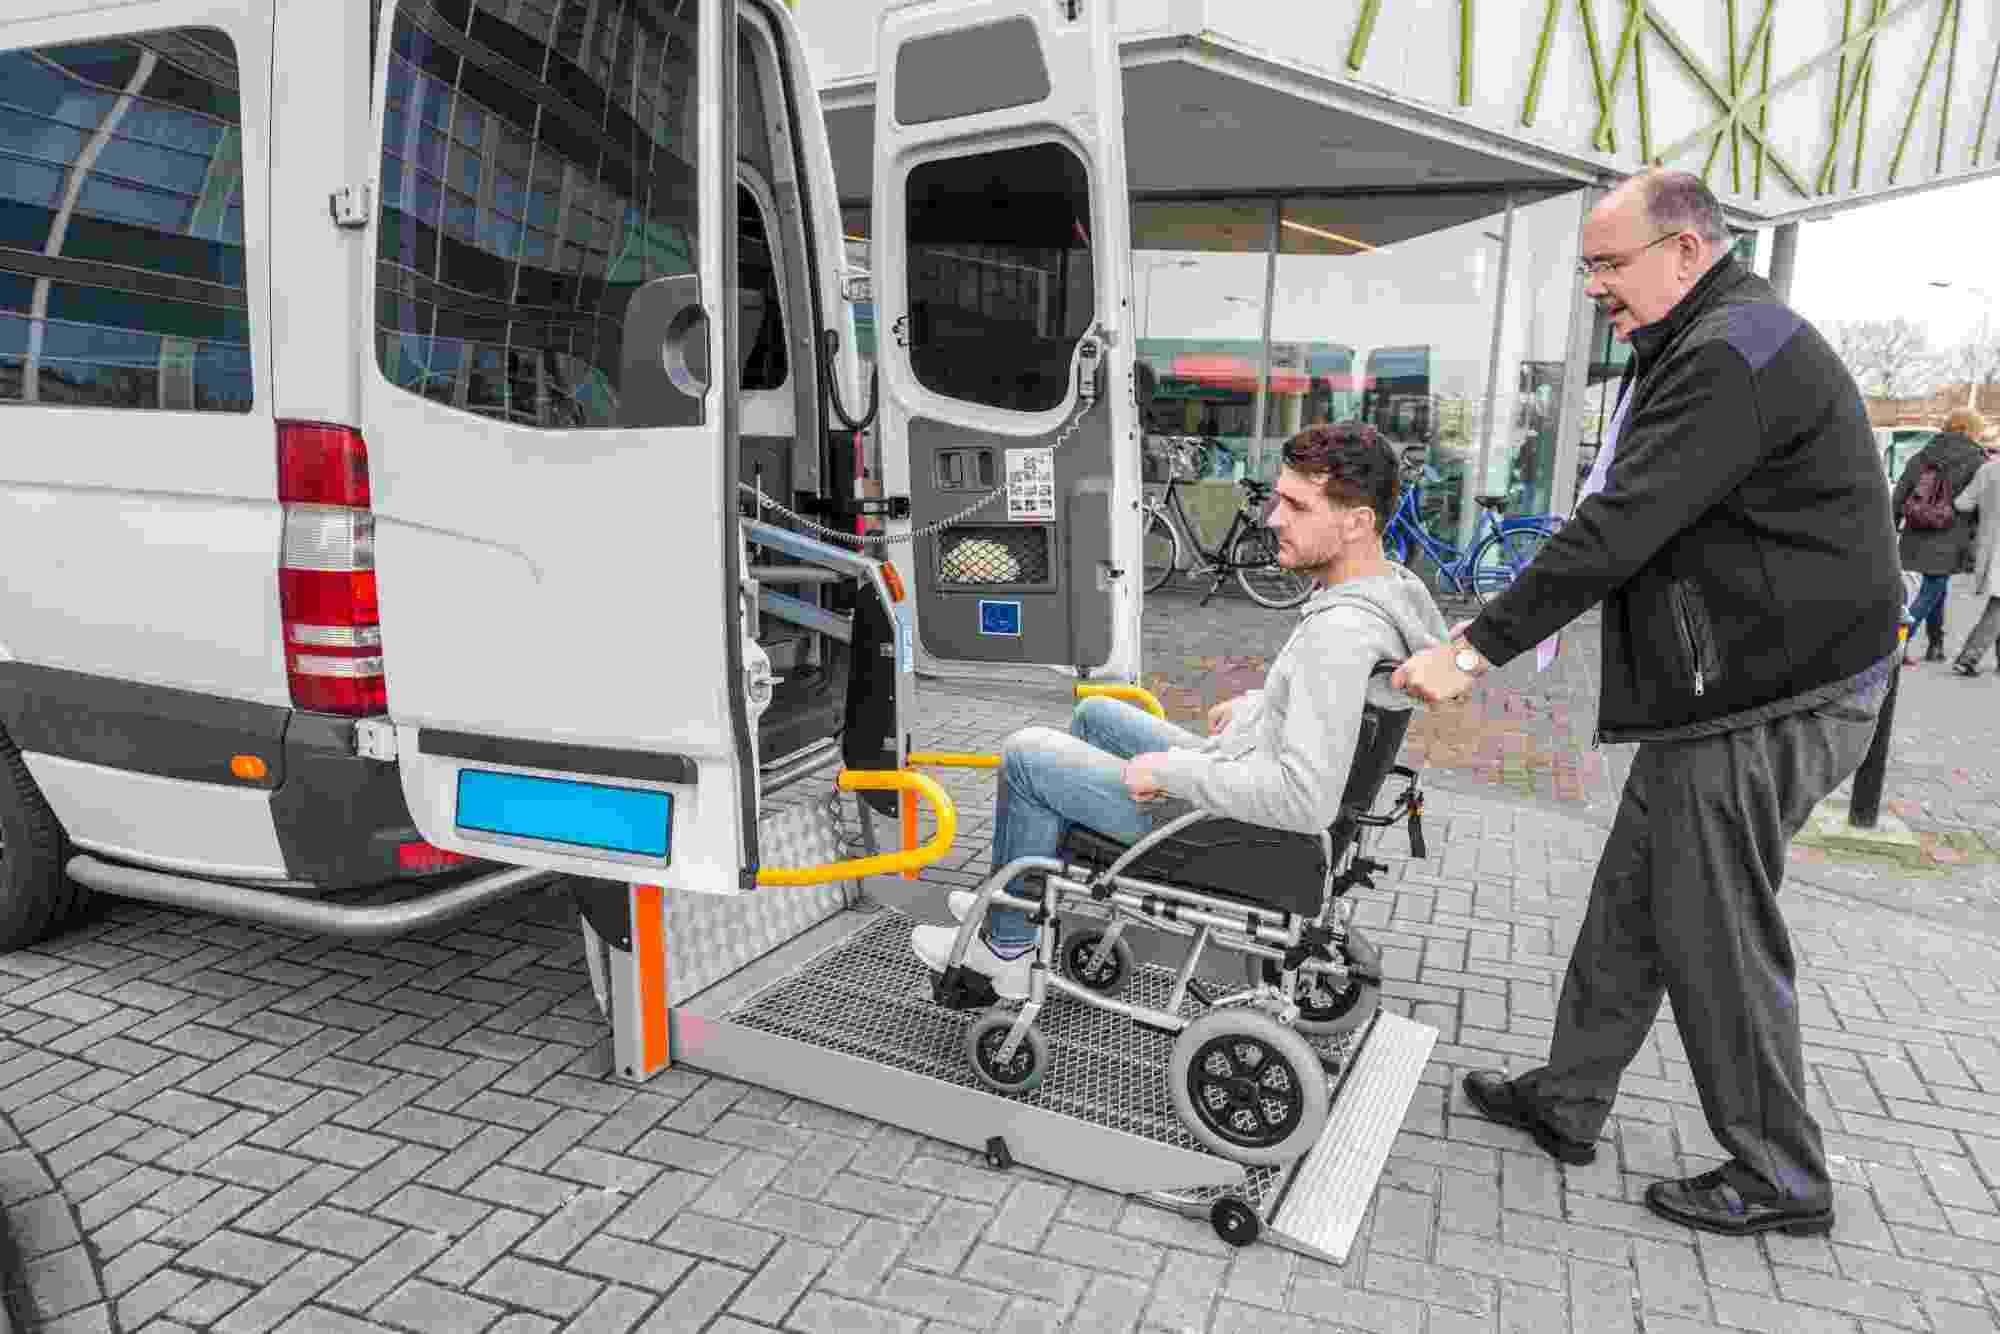 handicap accessibility grants for nonprofits